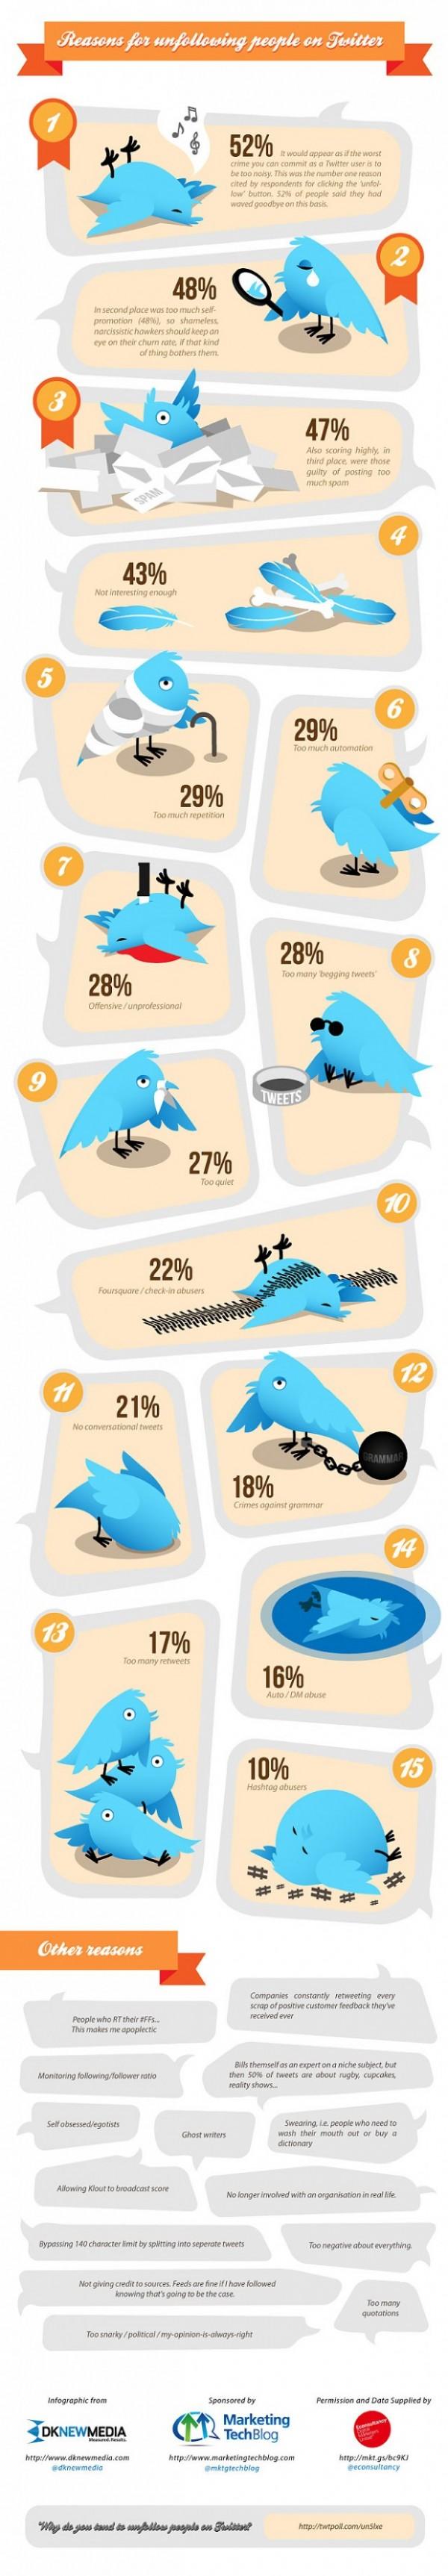 Razones por las cuales te dan Unfollow en Twitter